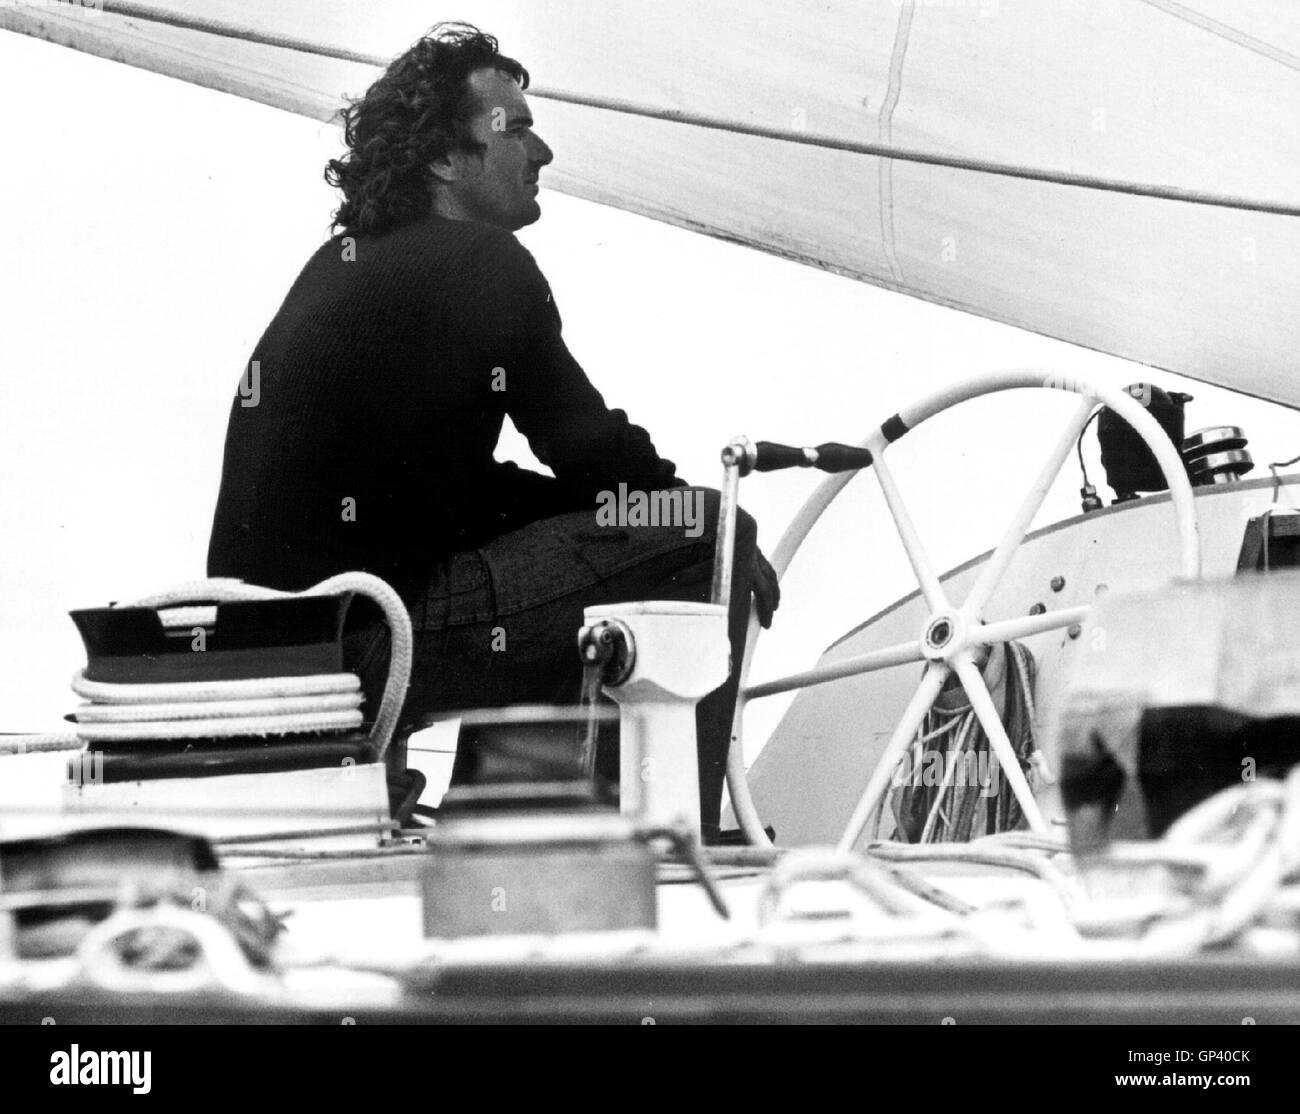 AJAX NEWS PHOTOS. 1976. PLYMOUTH, ENGLAND.  - OSTAR RACE - JEAN YVES TERLAIN (FR) AT THE WHEEL OF THE HUGE ITT OCEANIC - Stock Image